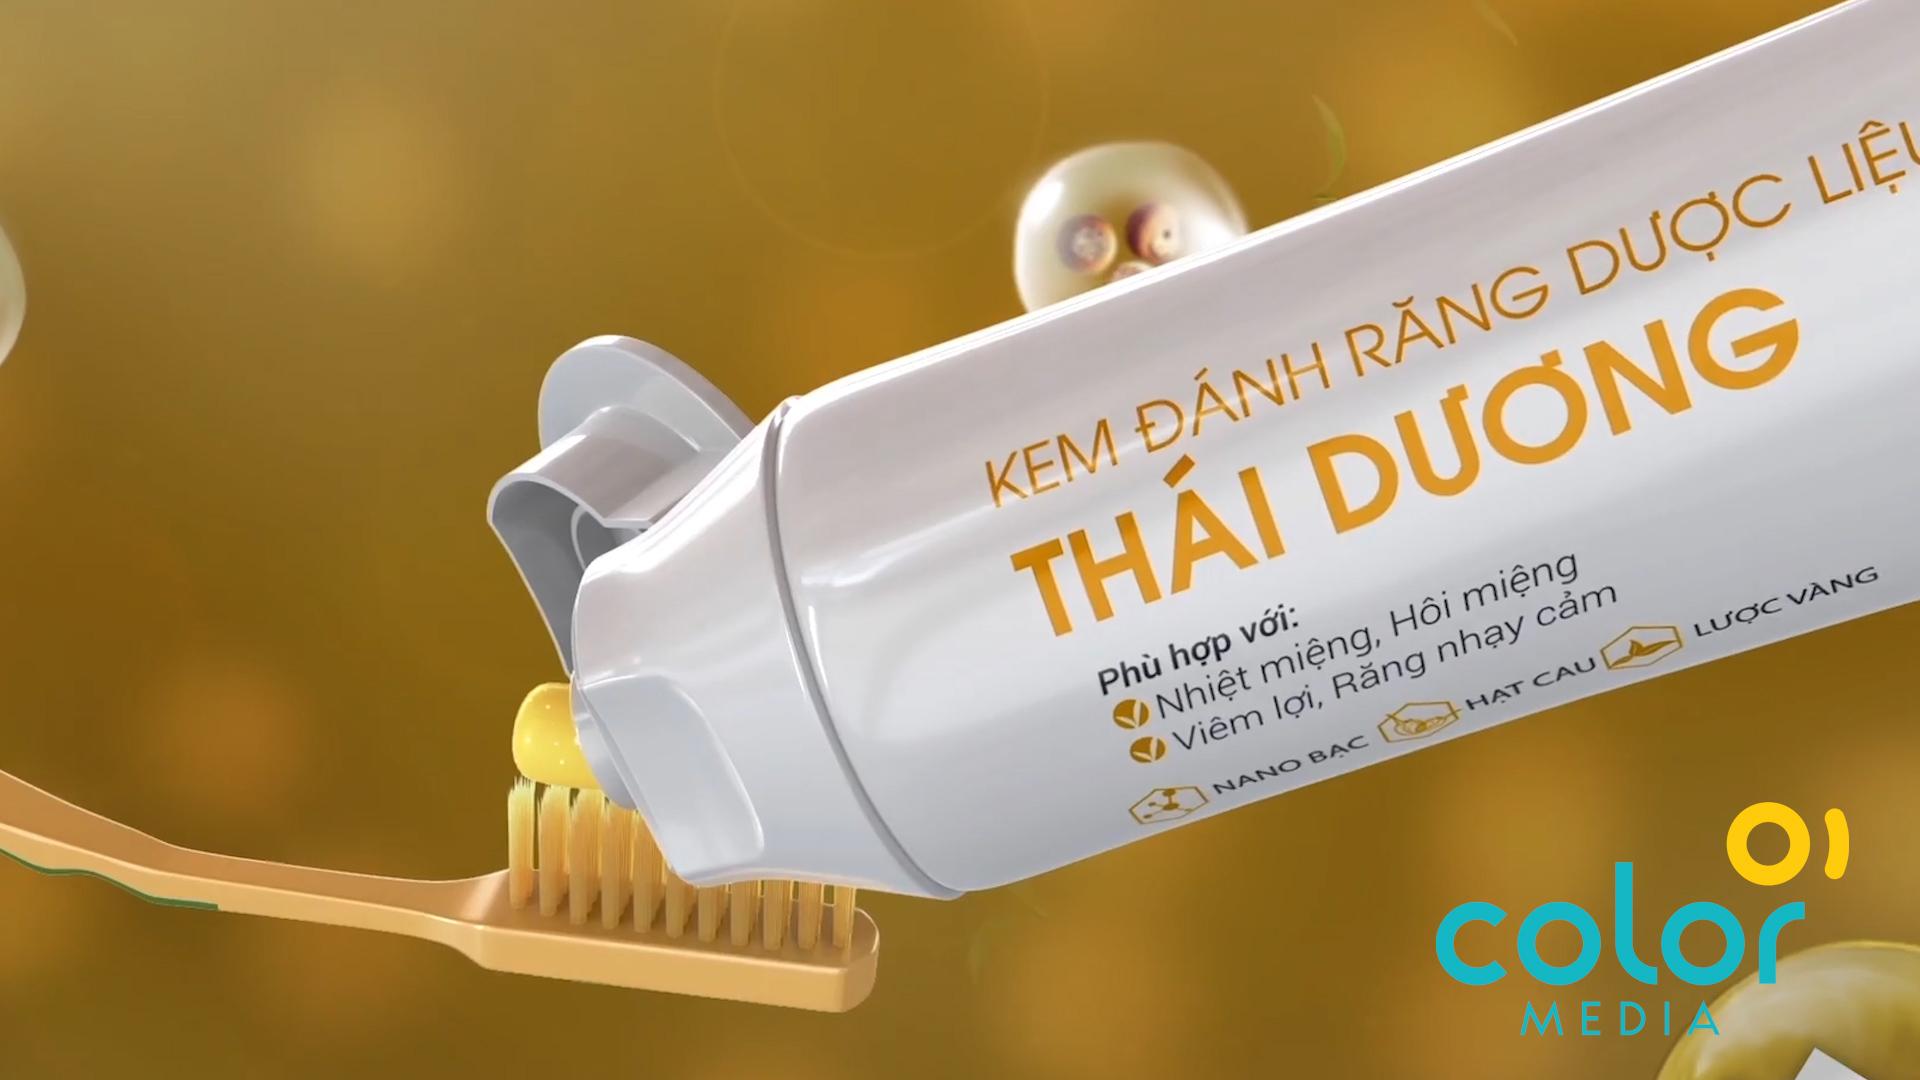 Sản xuất TVC Kem đánh răng Sao Thái Dương